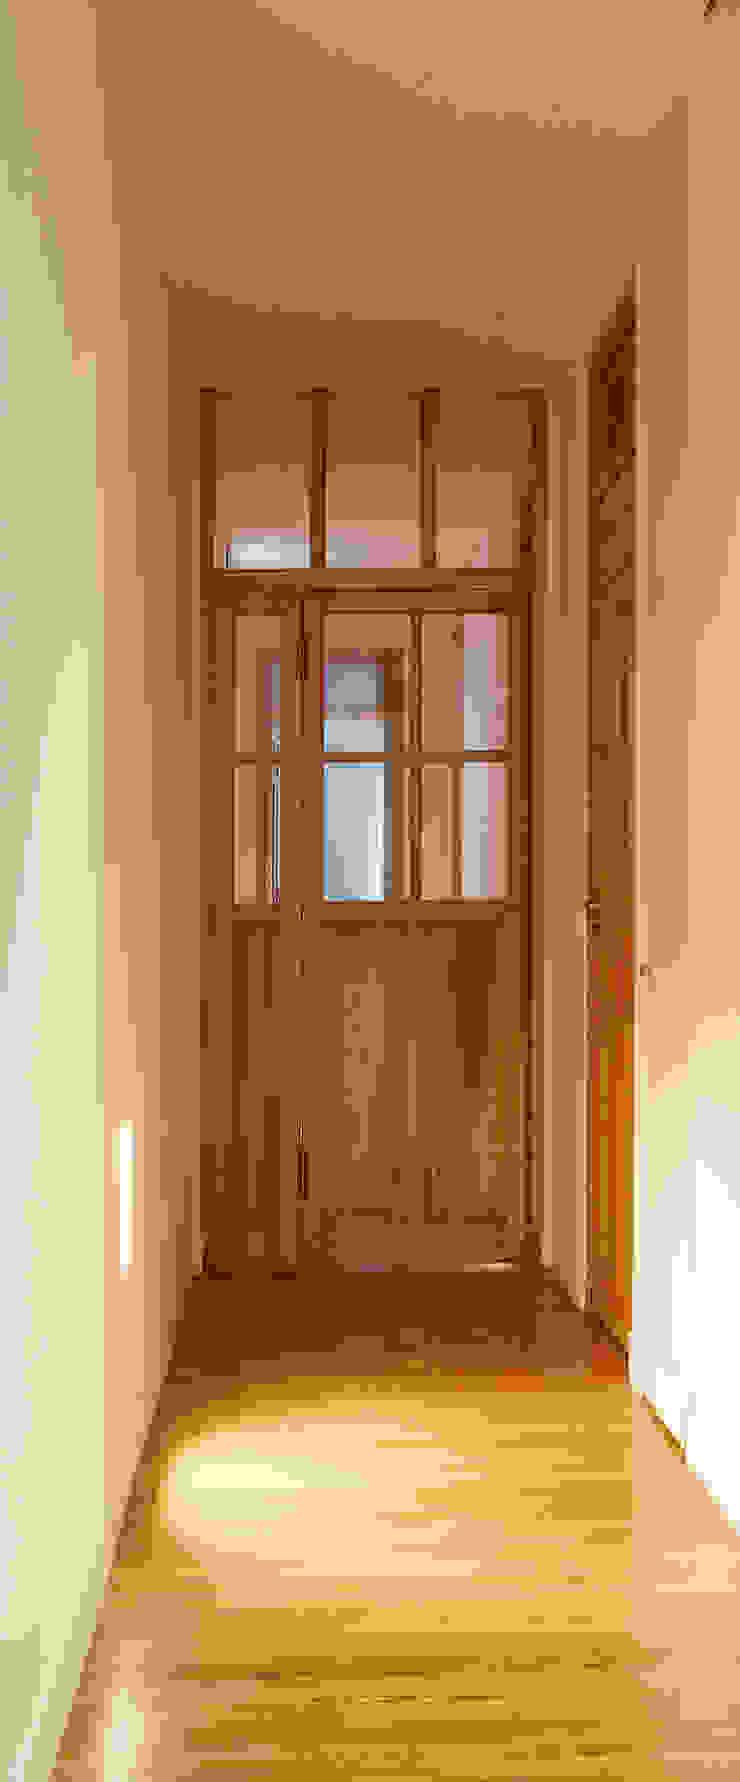 Vivienda Ortega y Gasset.Madrid Pasillos, vestíbulos y escaleras de estilo moderno de Beriot, Bernardini arquitectos Moderno